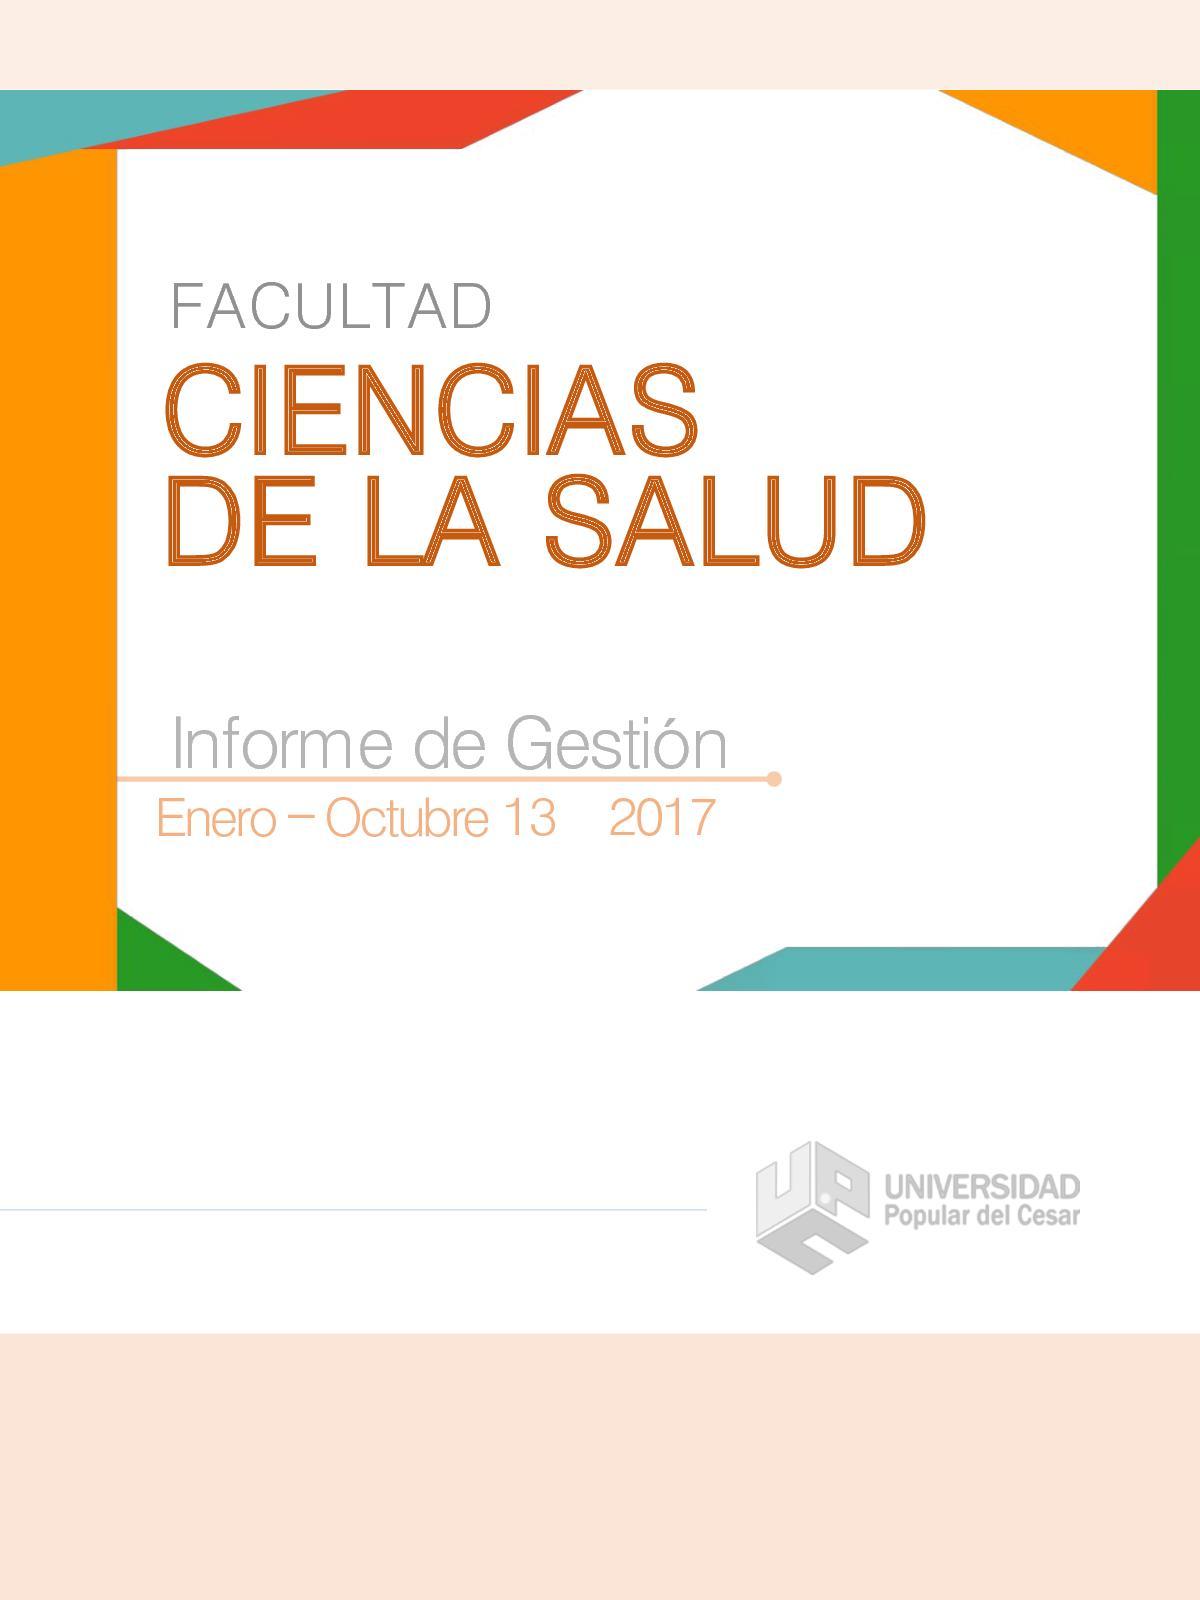 Anays Leyva Edad calaméo - informe facultad salud 2017 pdf 07 11 2017